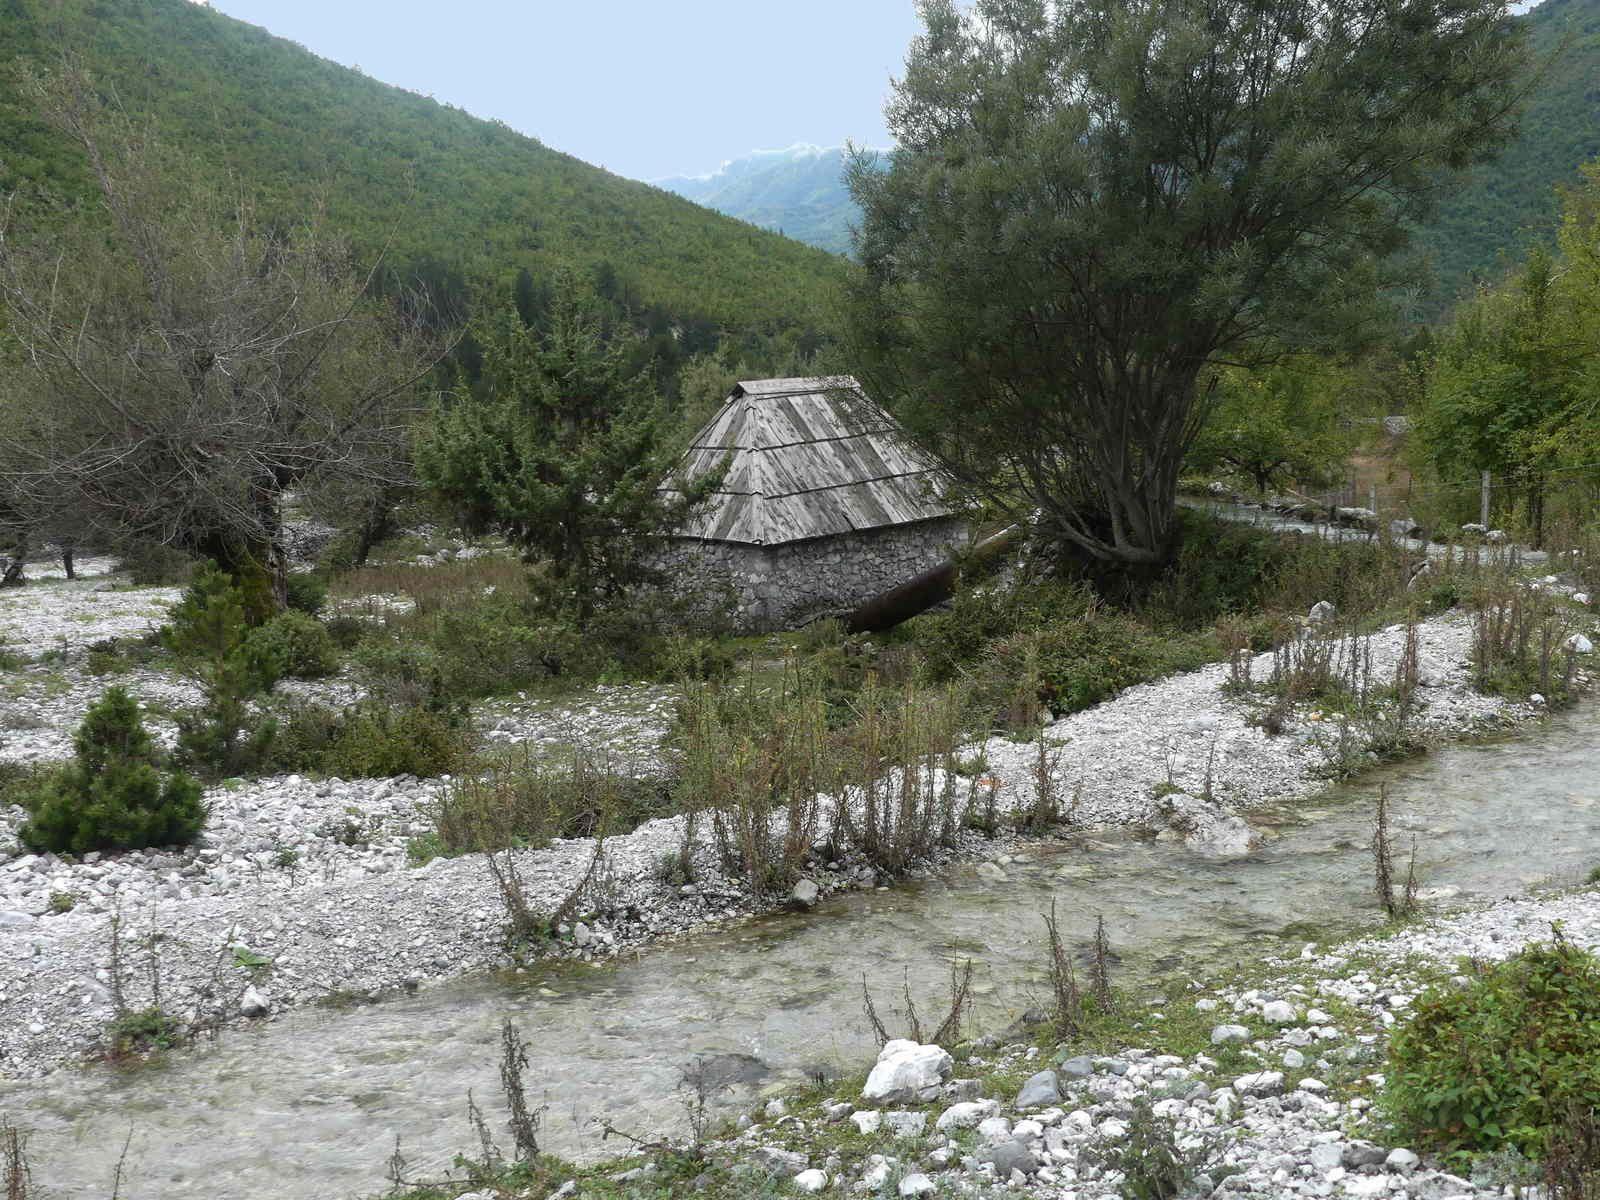 Le petit moulin entouré d'eau.